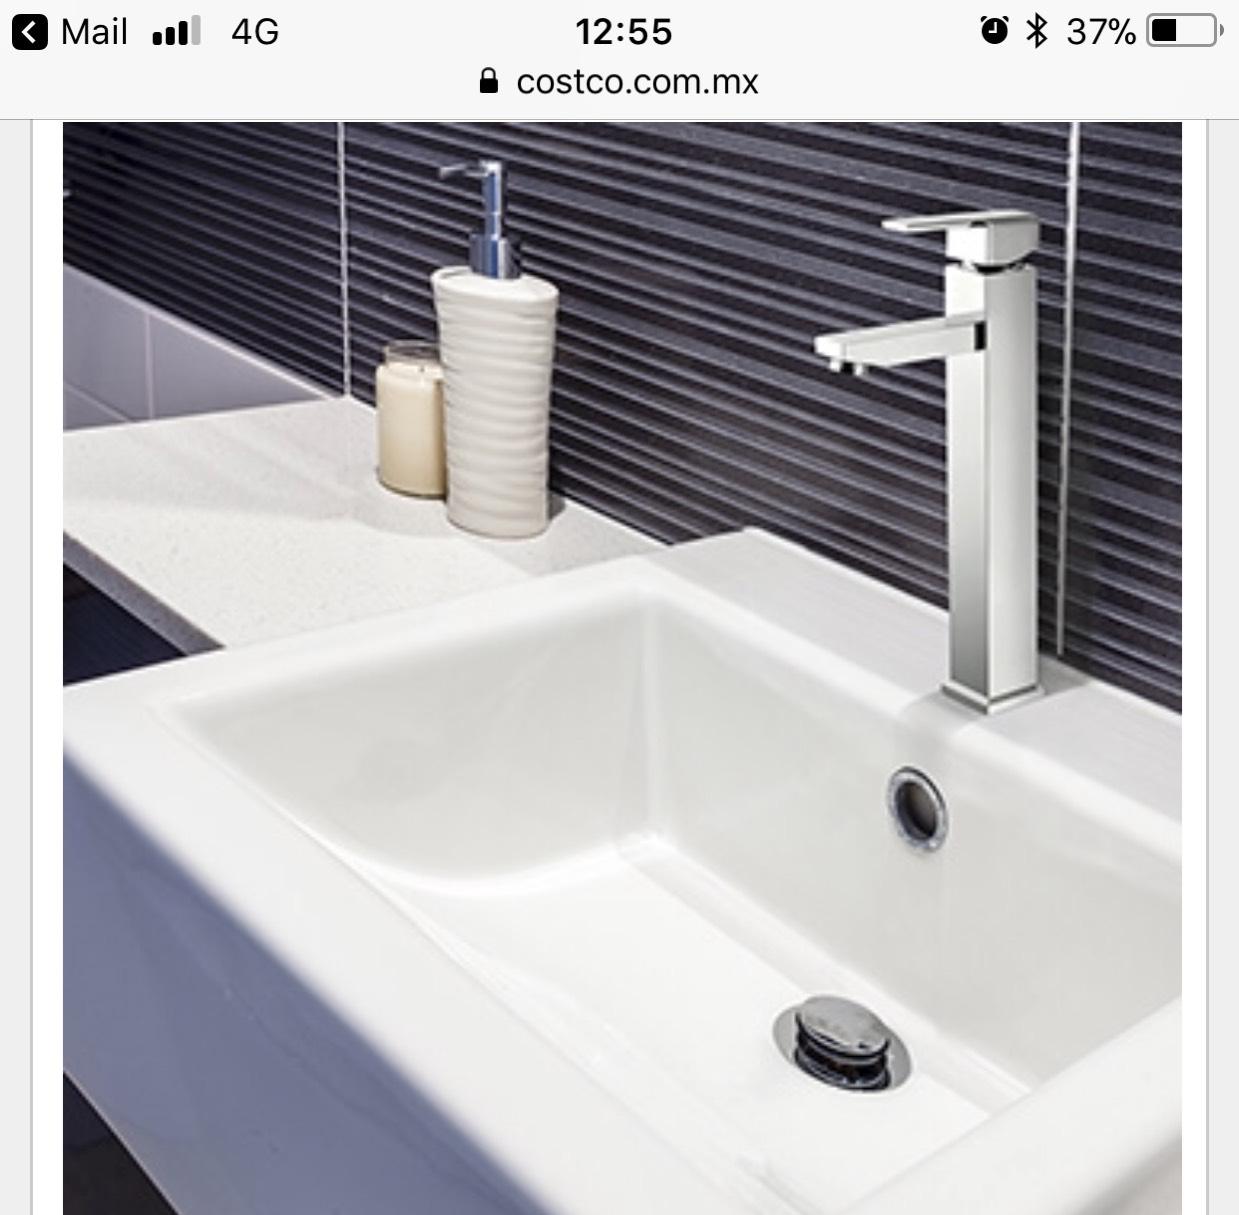 Costco: ofertas en llaves para baño con más del 60% de descuento